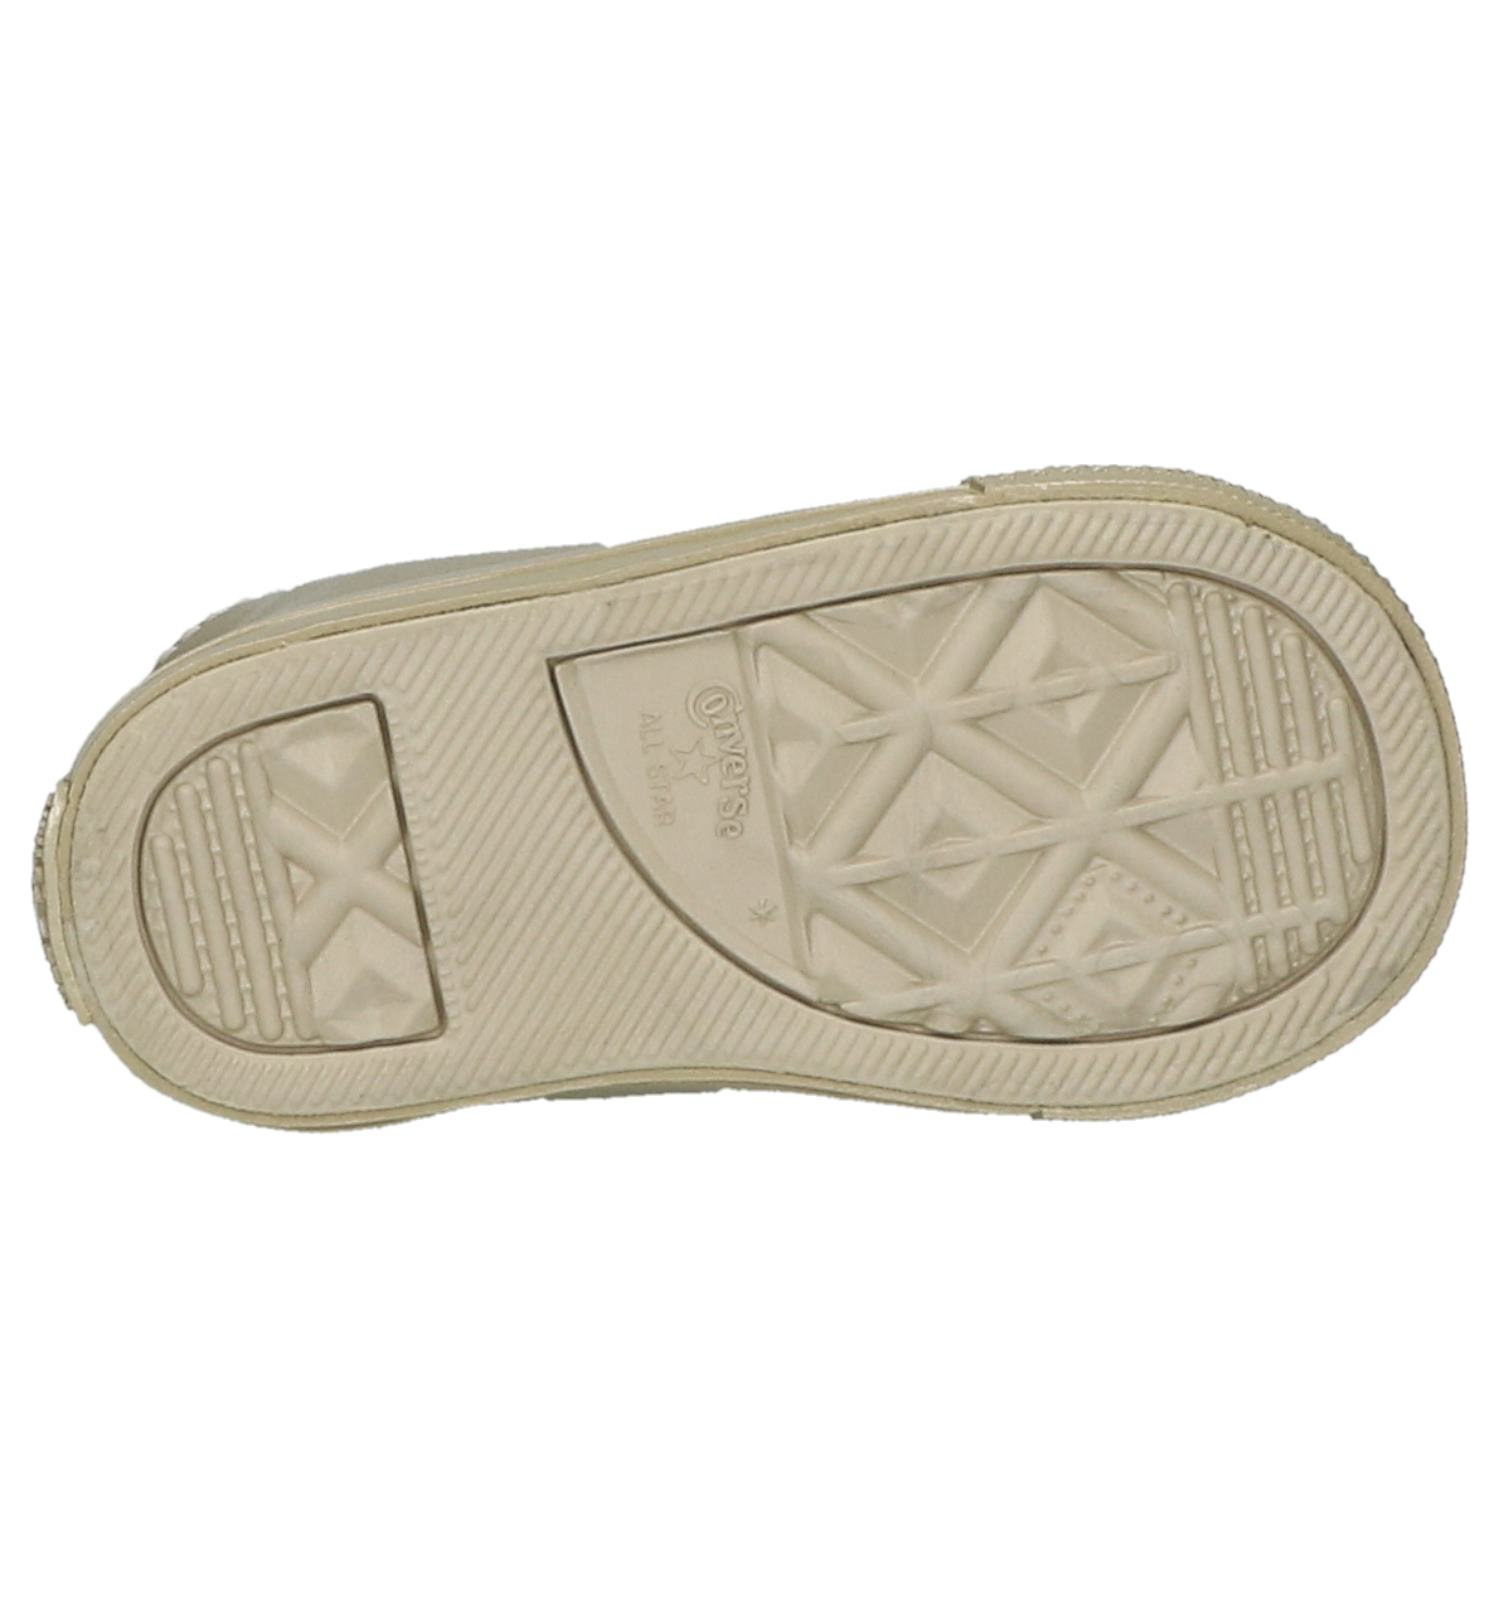 63eaa9047c7 Gouden Hoge Sneakers Converse Chuck Taylor All Star High | TORFS.BE |  Gratis verzend en retour